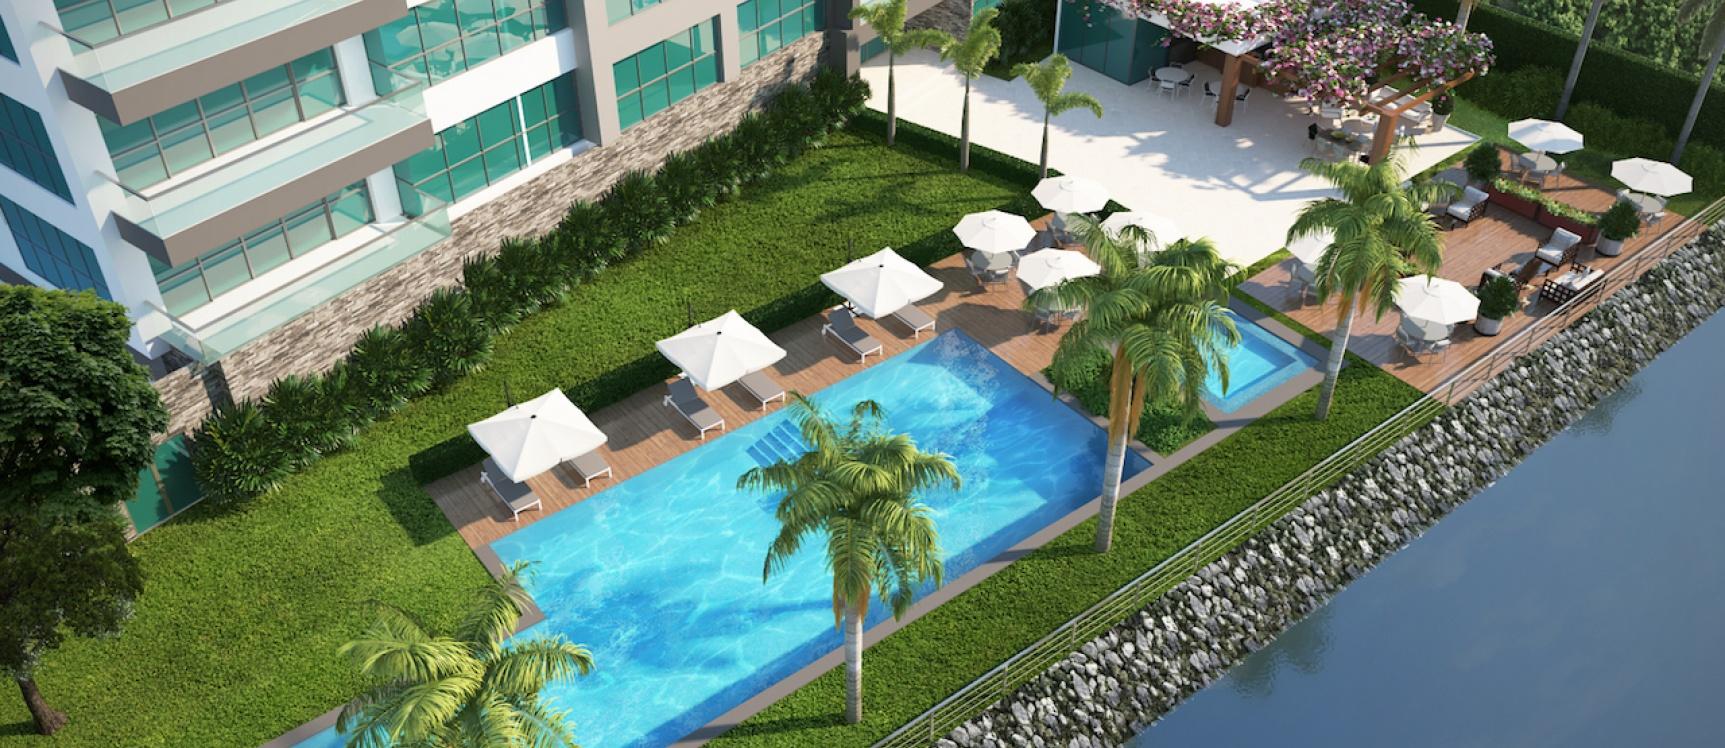 GeoBienes - No Disponible - Departamento suite en venta Puerto Mocoli Samborondon - Plusvalia Guayaquil Casas de venta y alquiler Inmobiliaria Ecuador